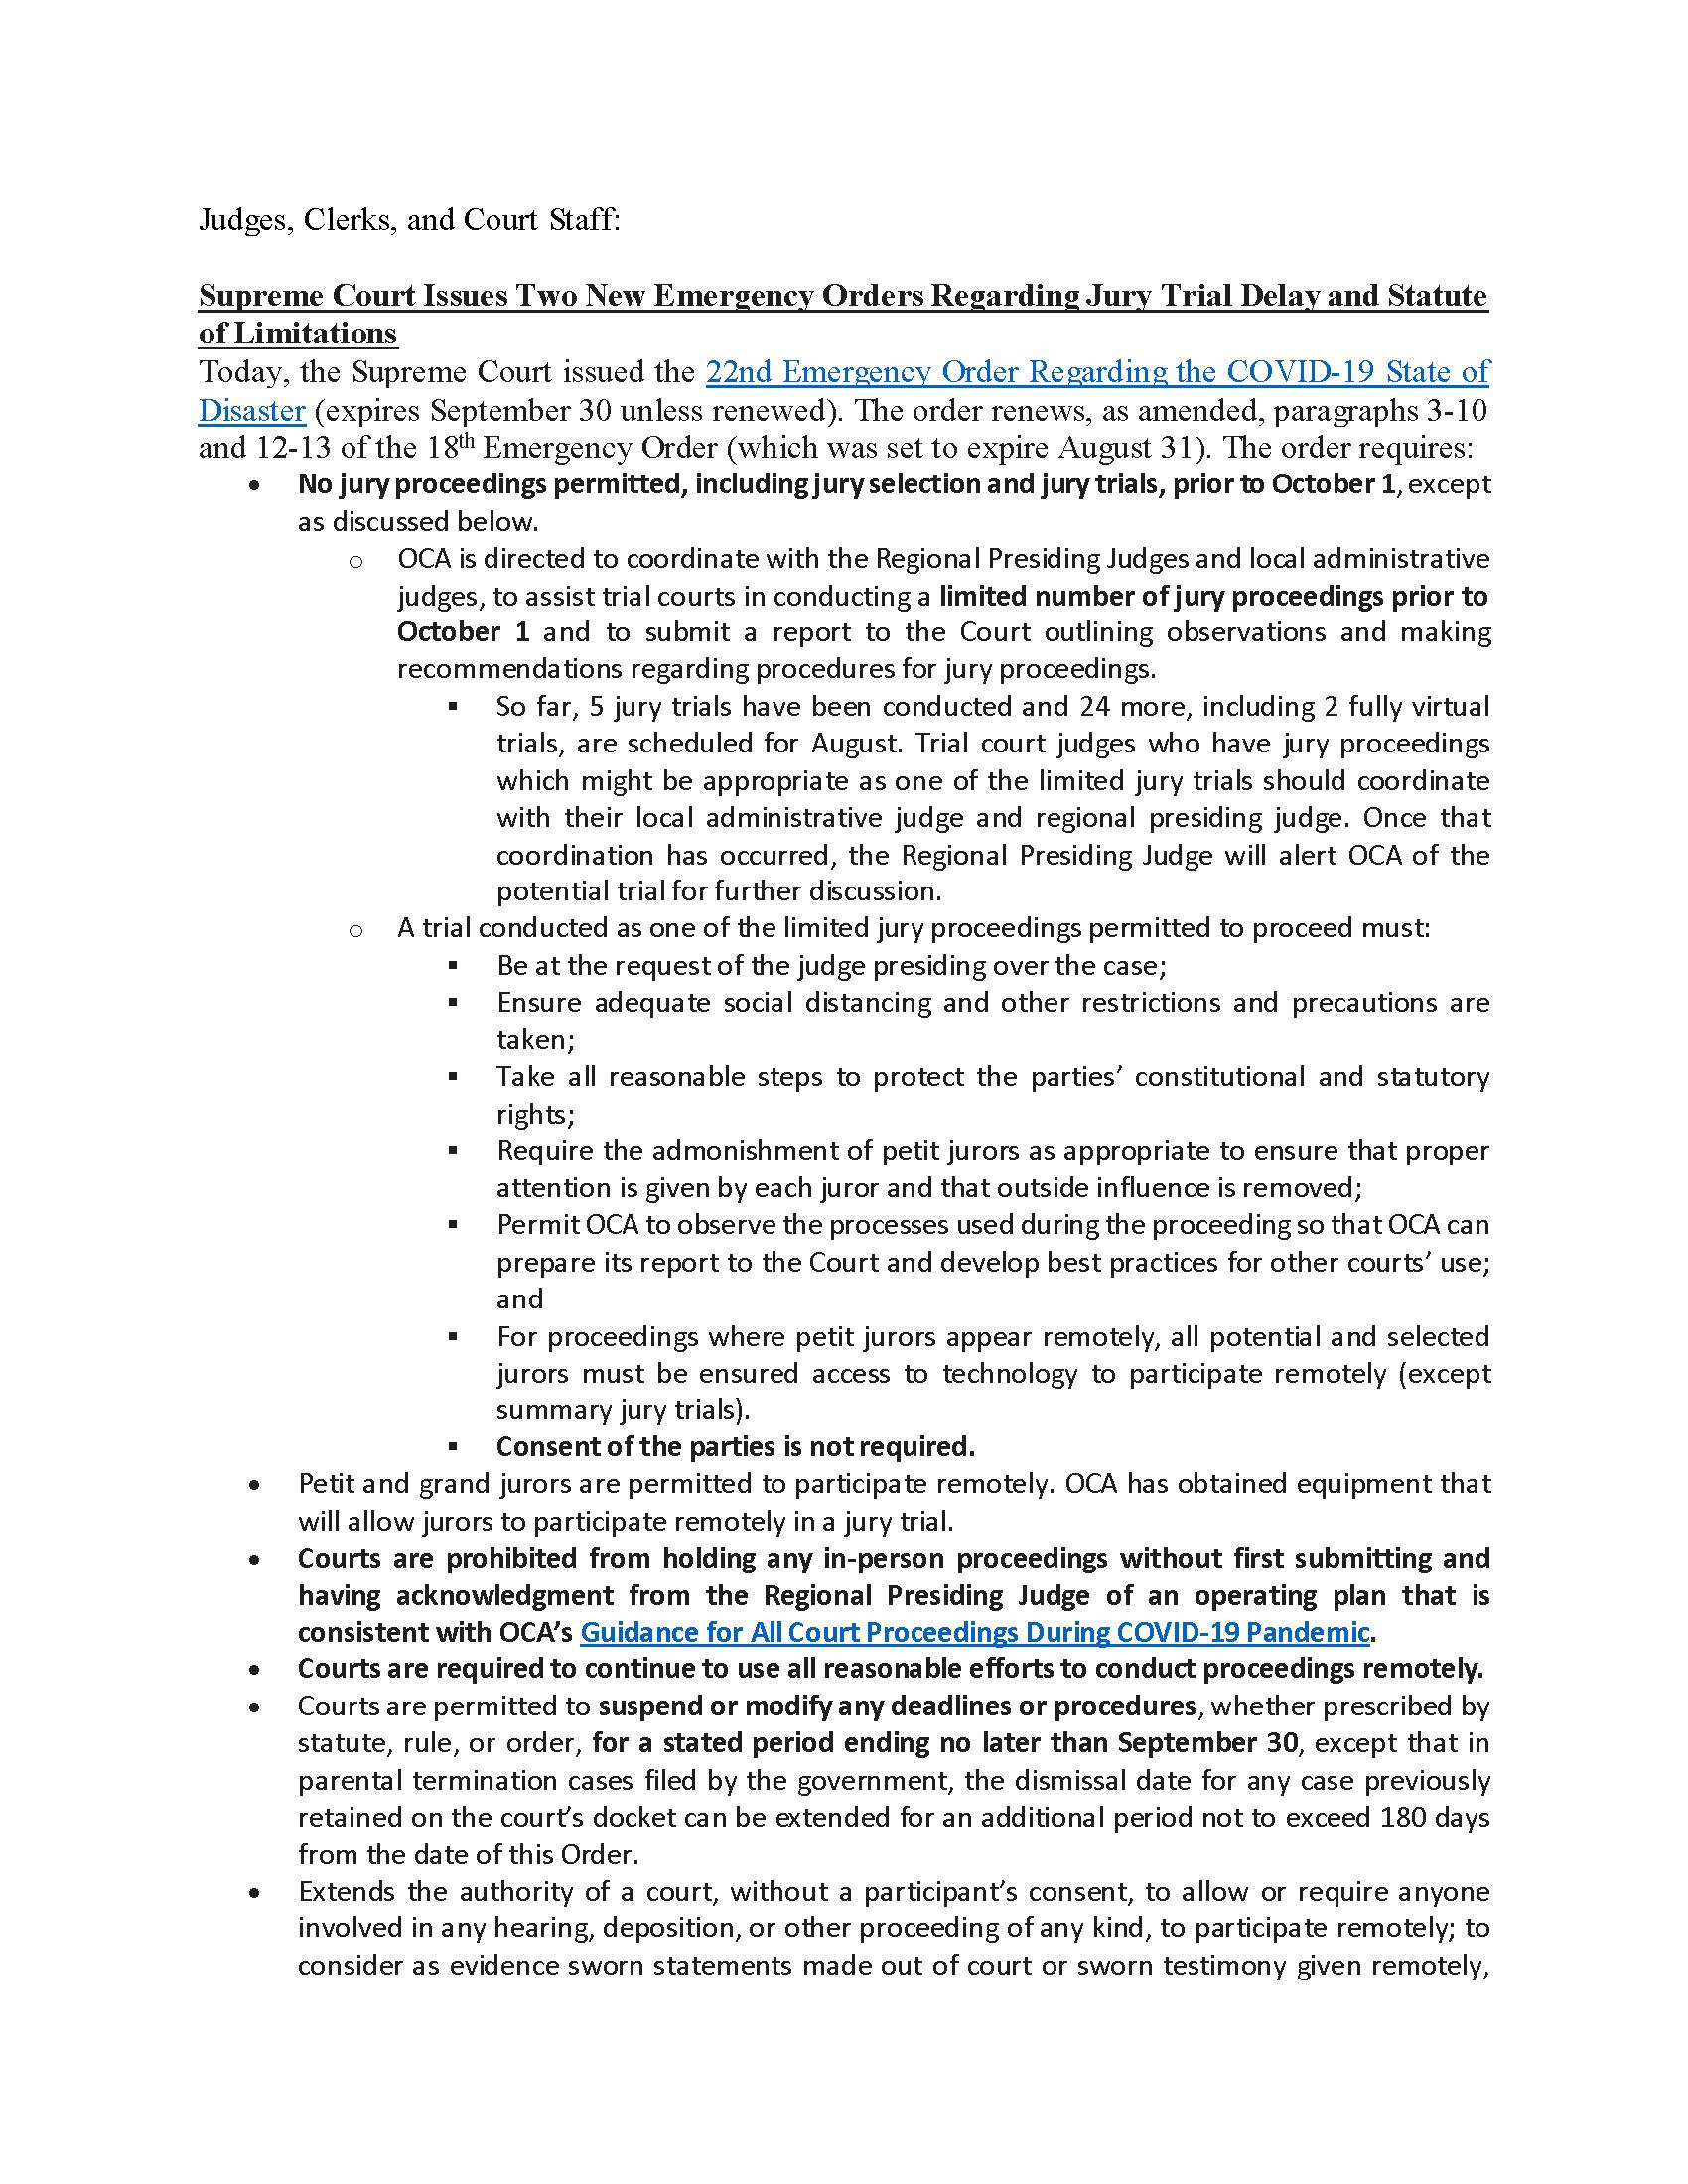 Update 14 Supreme Court Delays Jury Trial Resumption Page 1